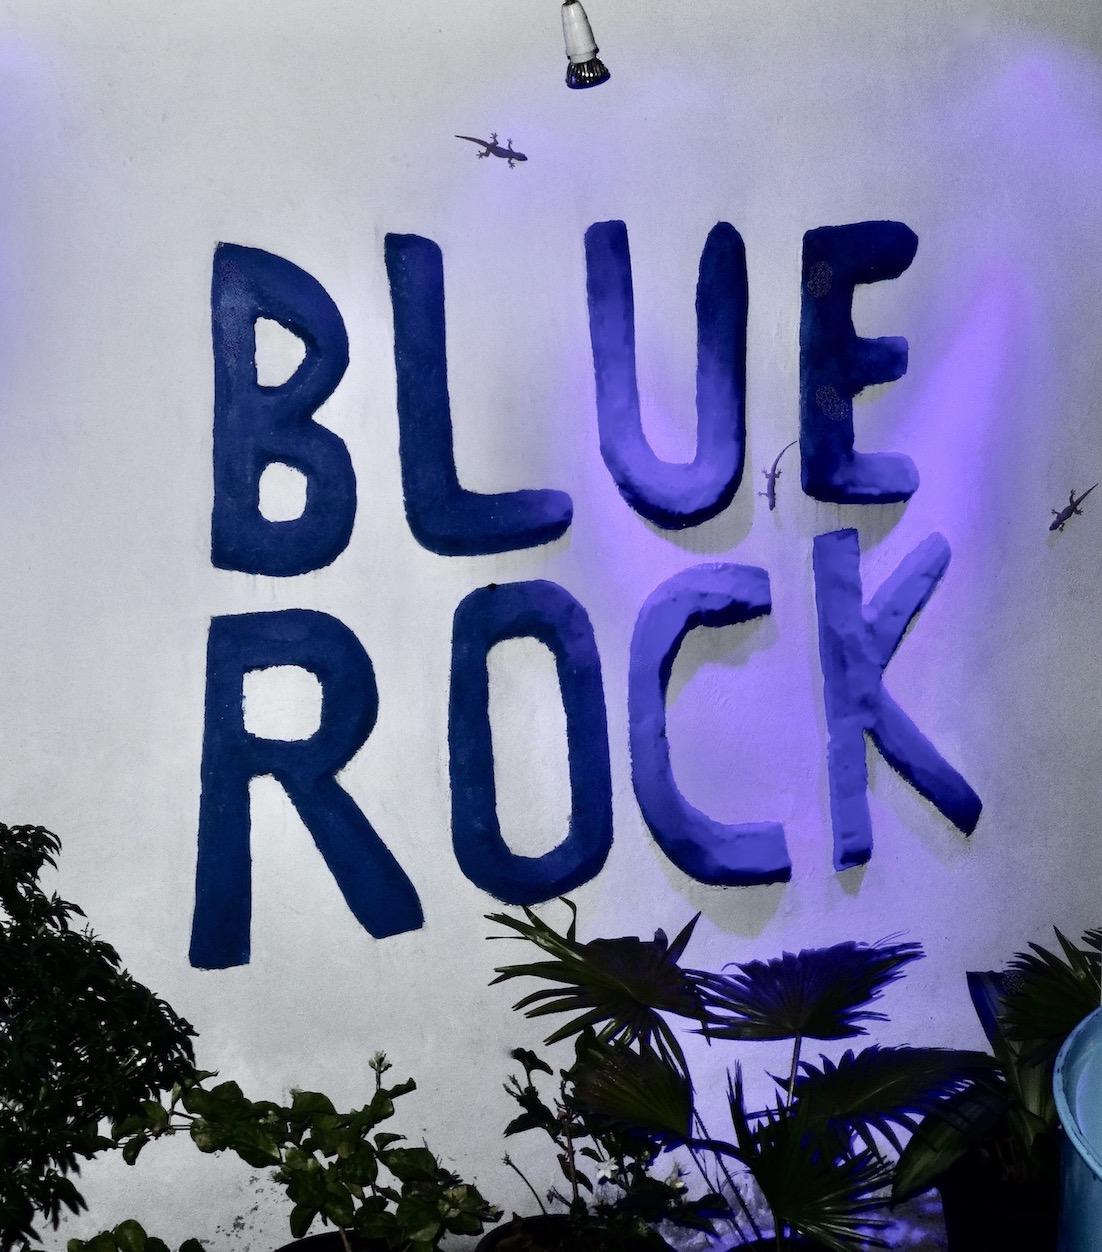 Blue Rock Bar.